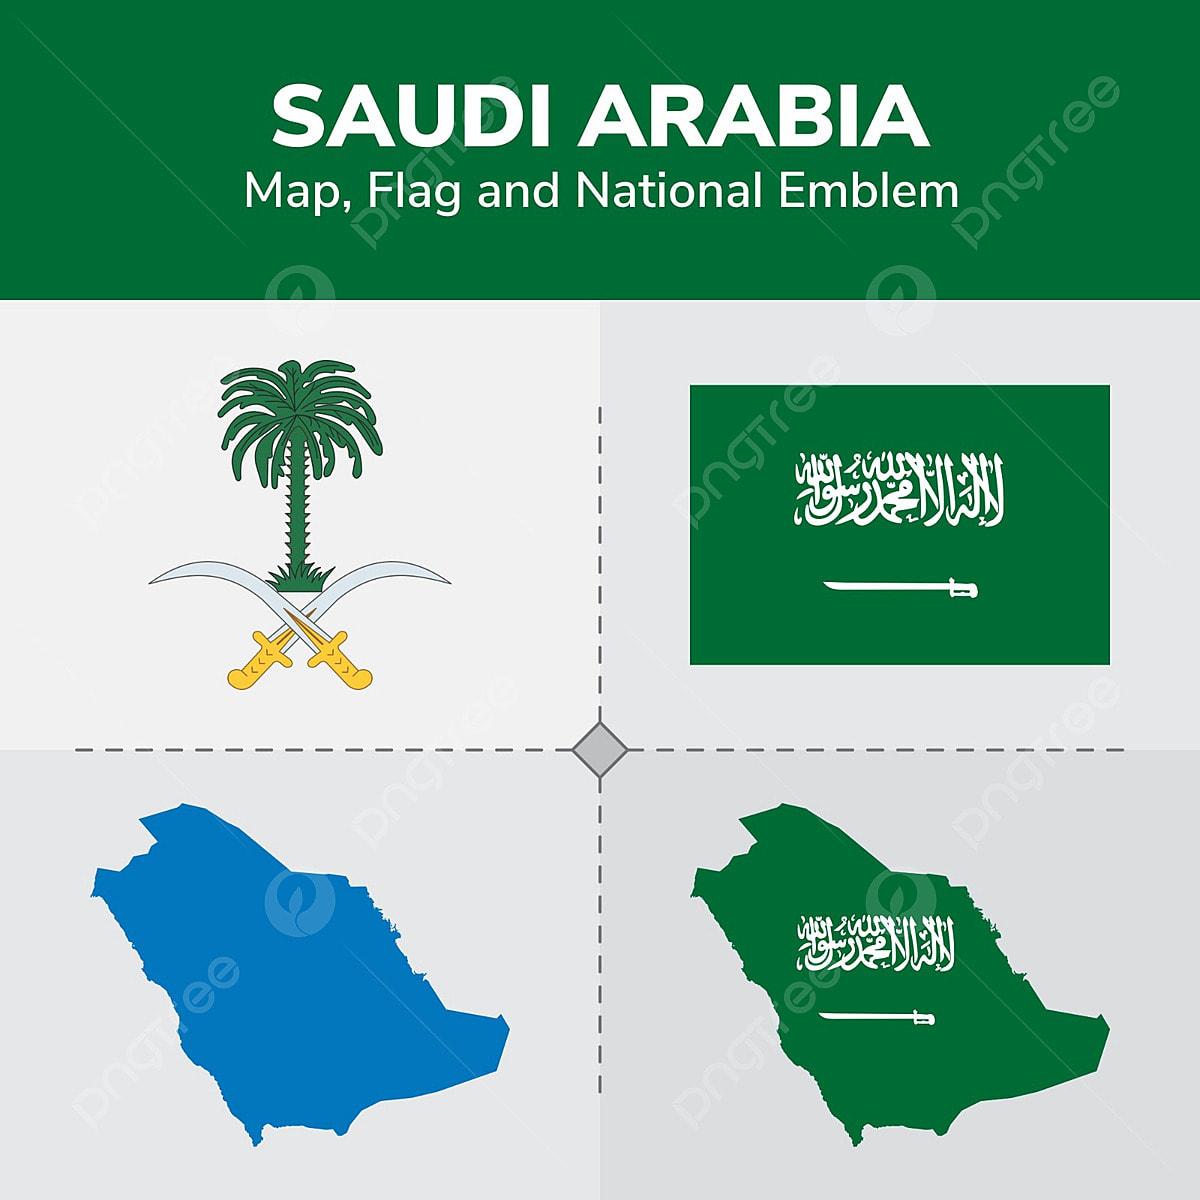 خريطة السعودية العلم والشعار الوطني اليوم الوطني السعودي اليوم